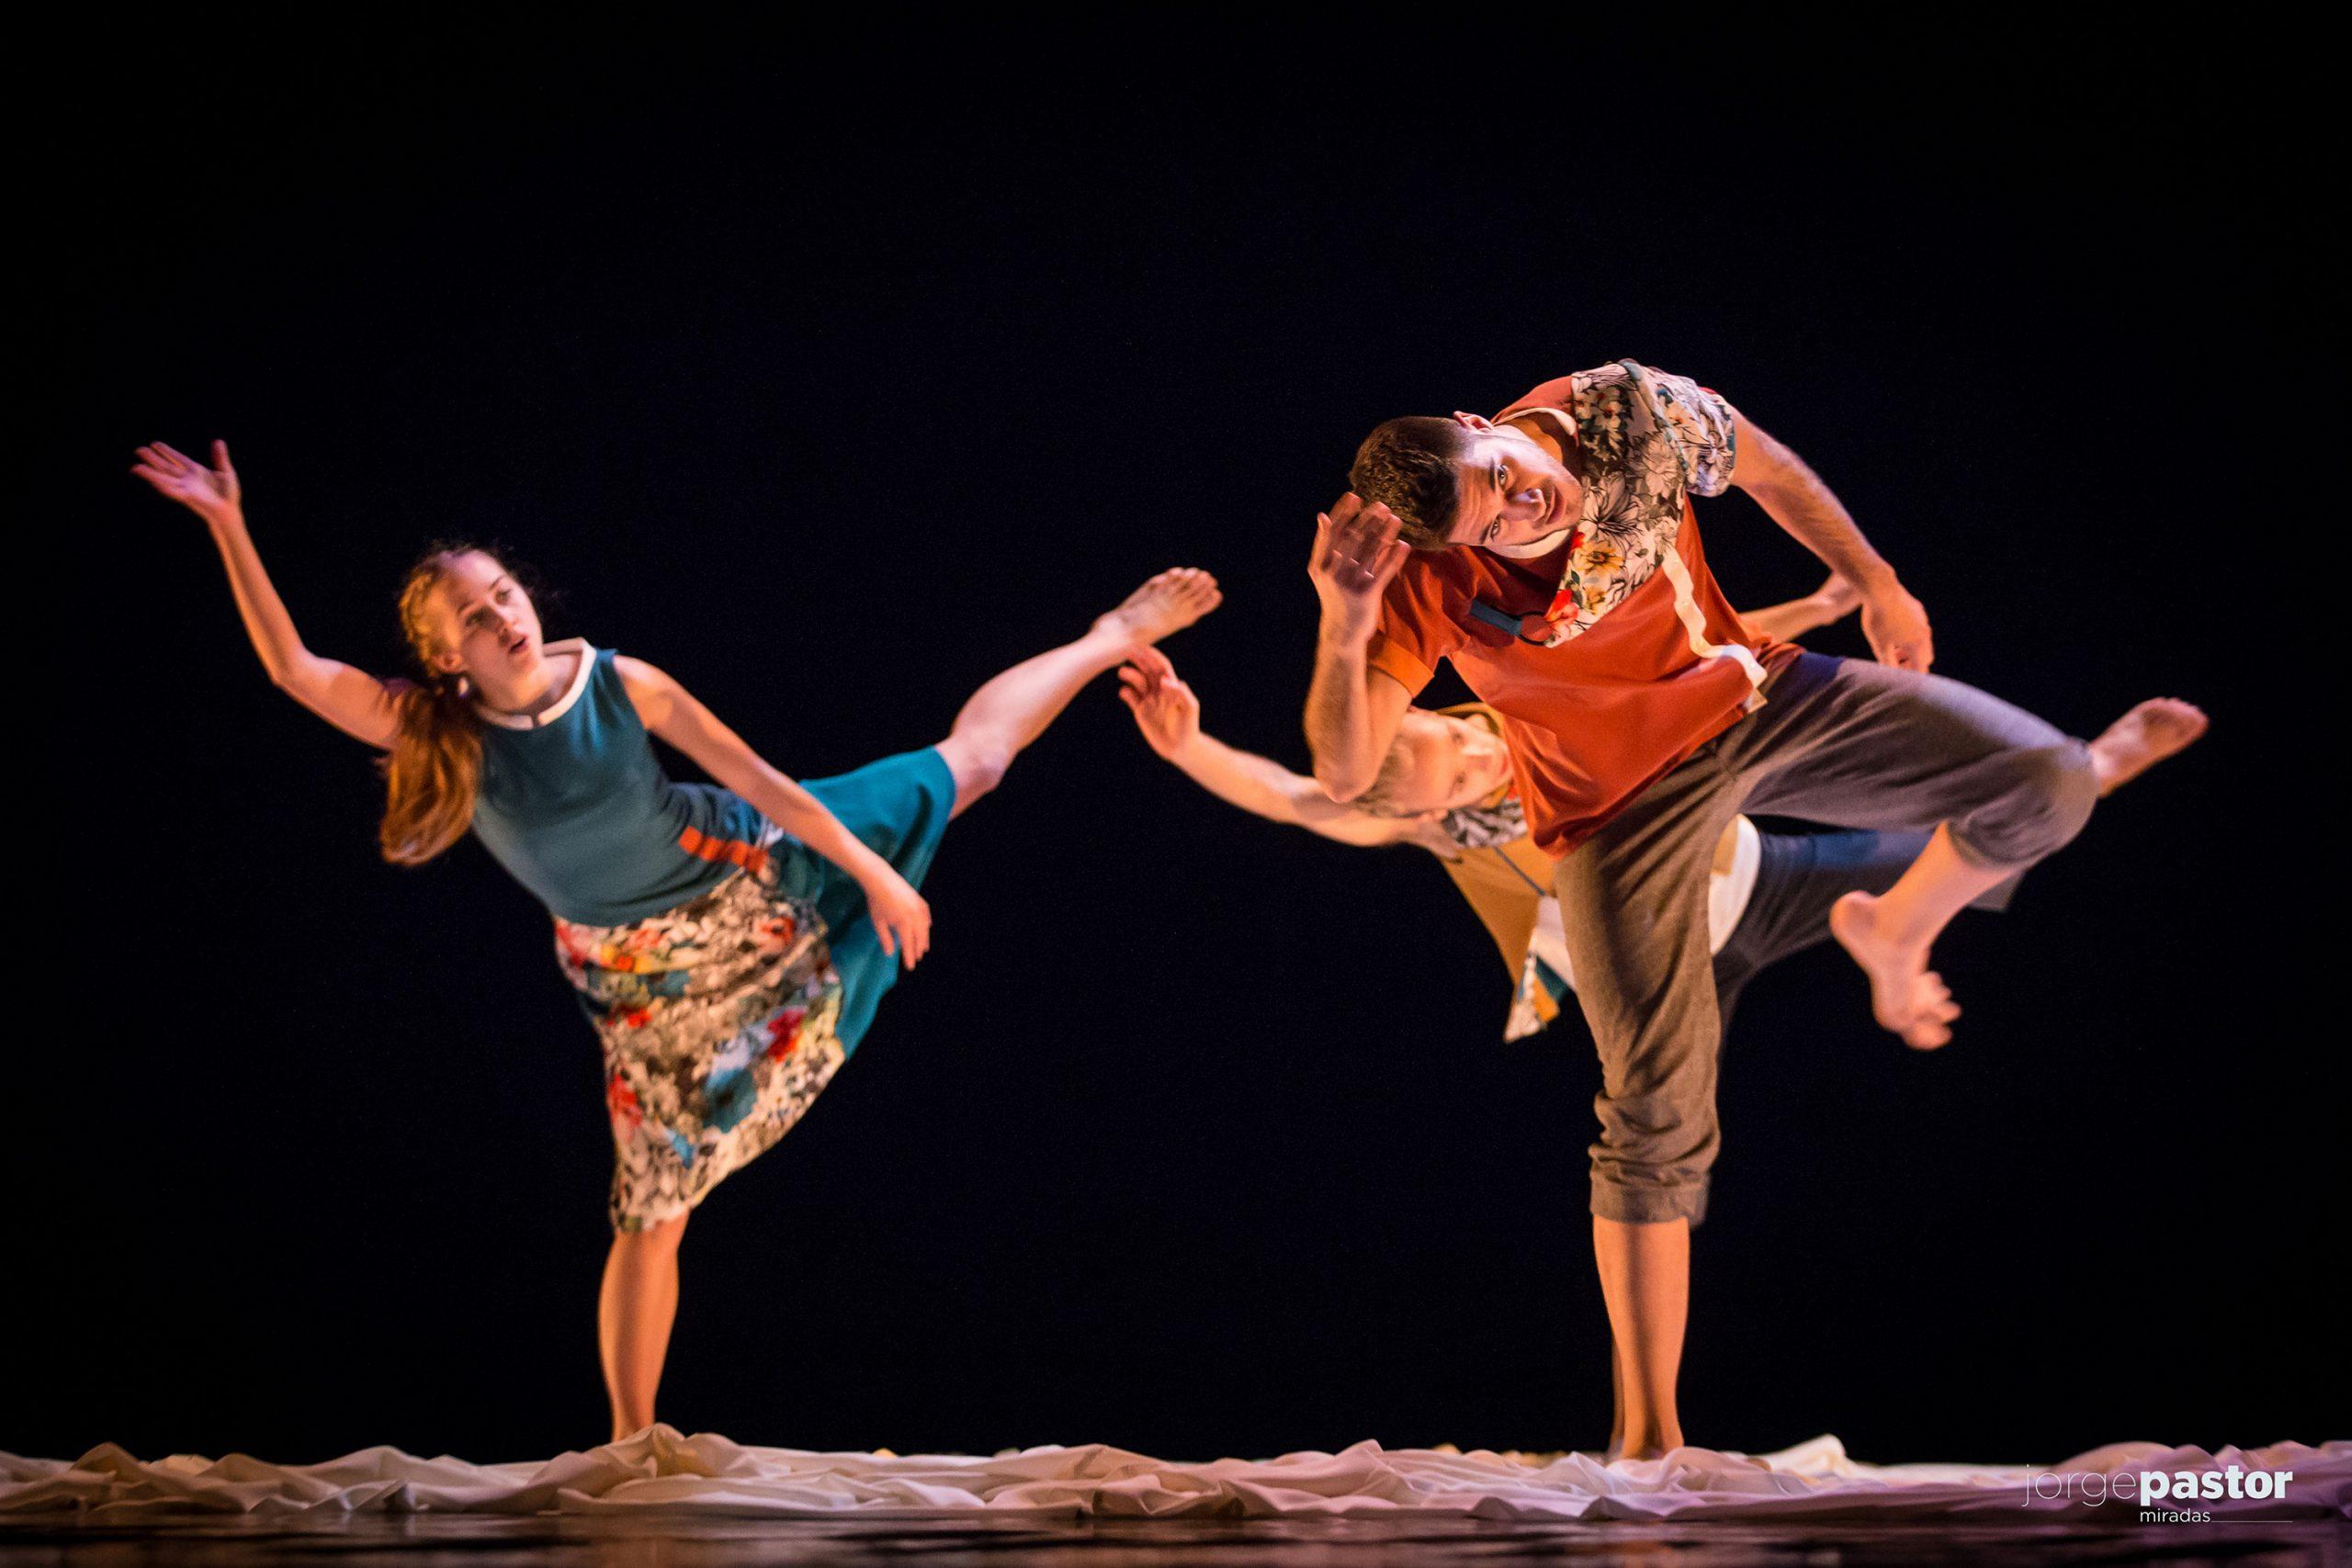 La belleza de 'Nudos' asombra a los niños y niñas que estos días acuden al Teatro Cuyás